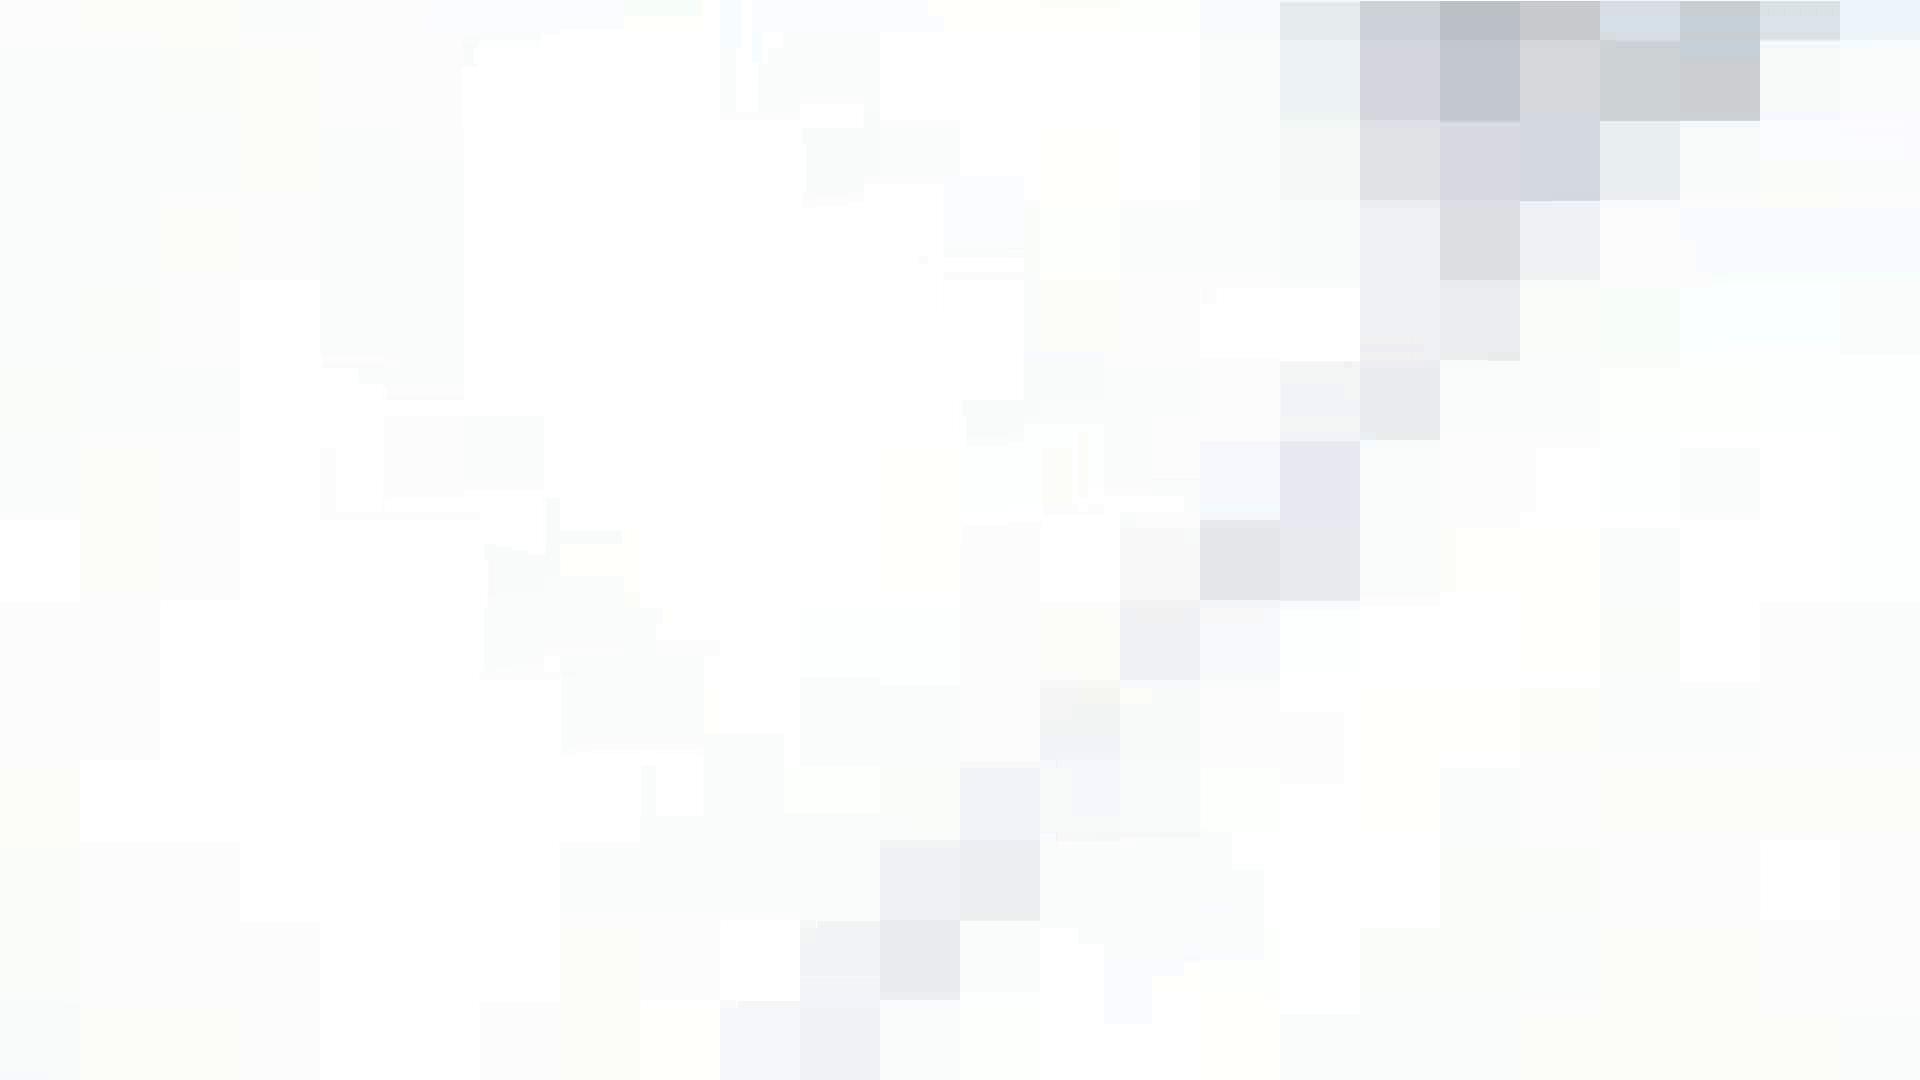 洗面所特攻隊 vol.020 びにょ~ん エッチなお姉さん | 丸見え  54画像 36